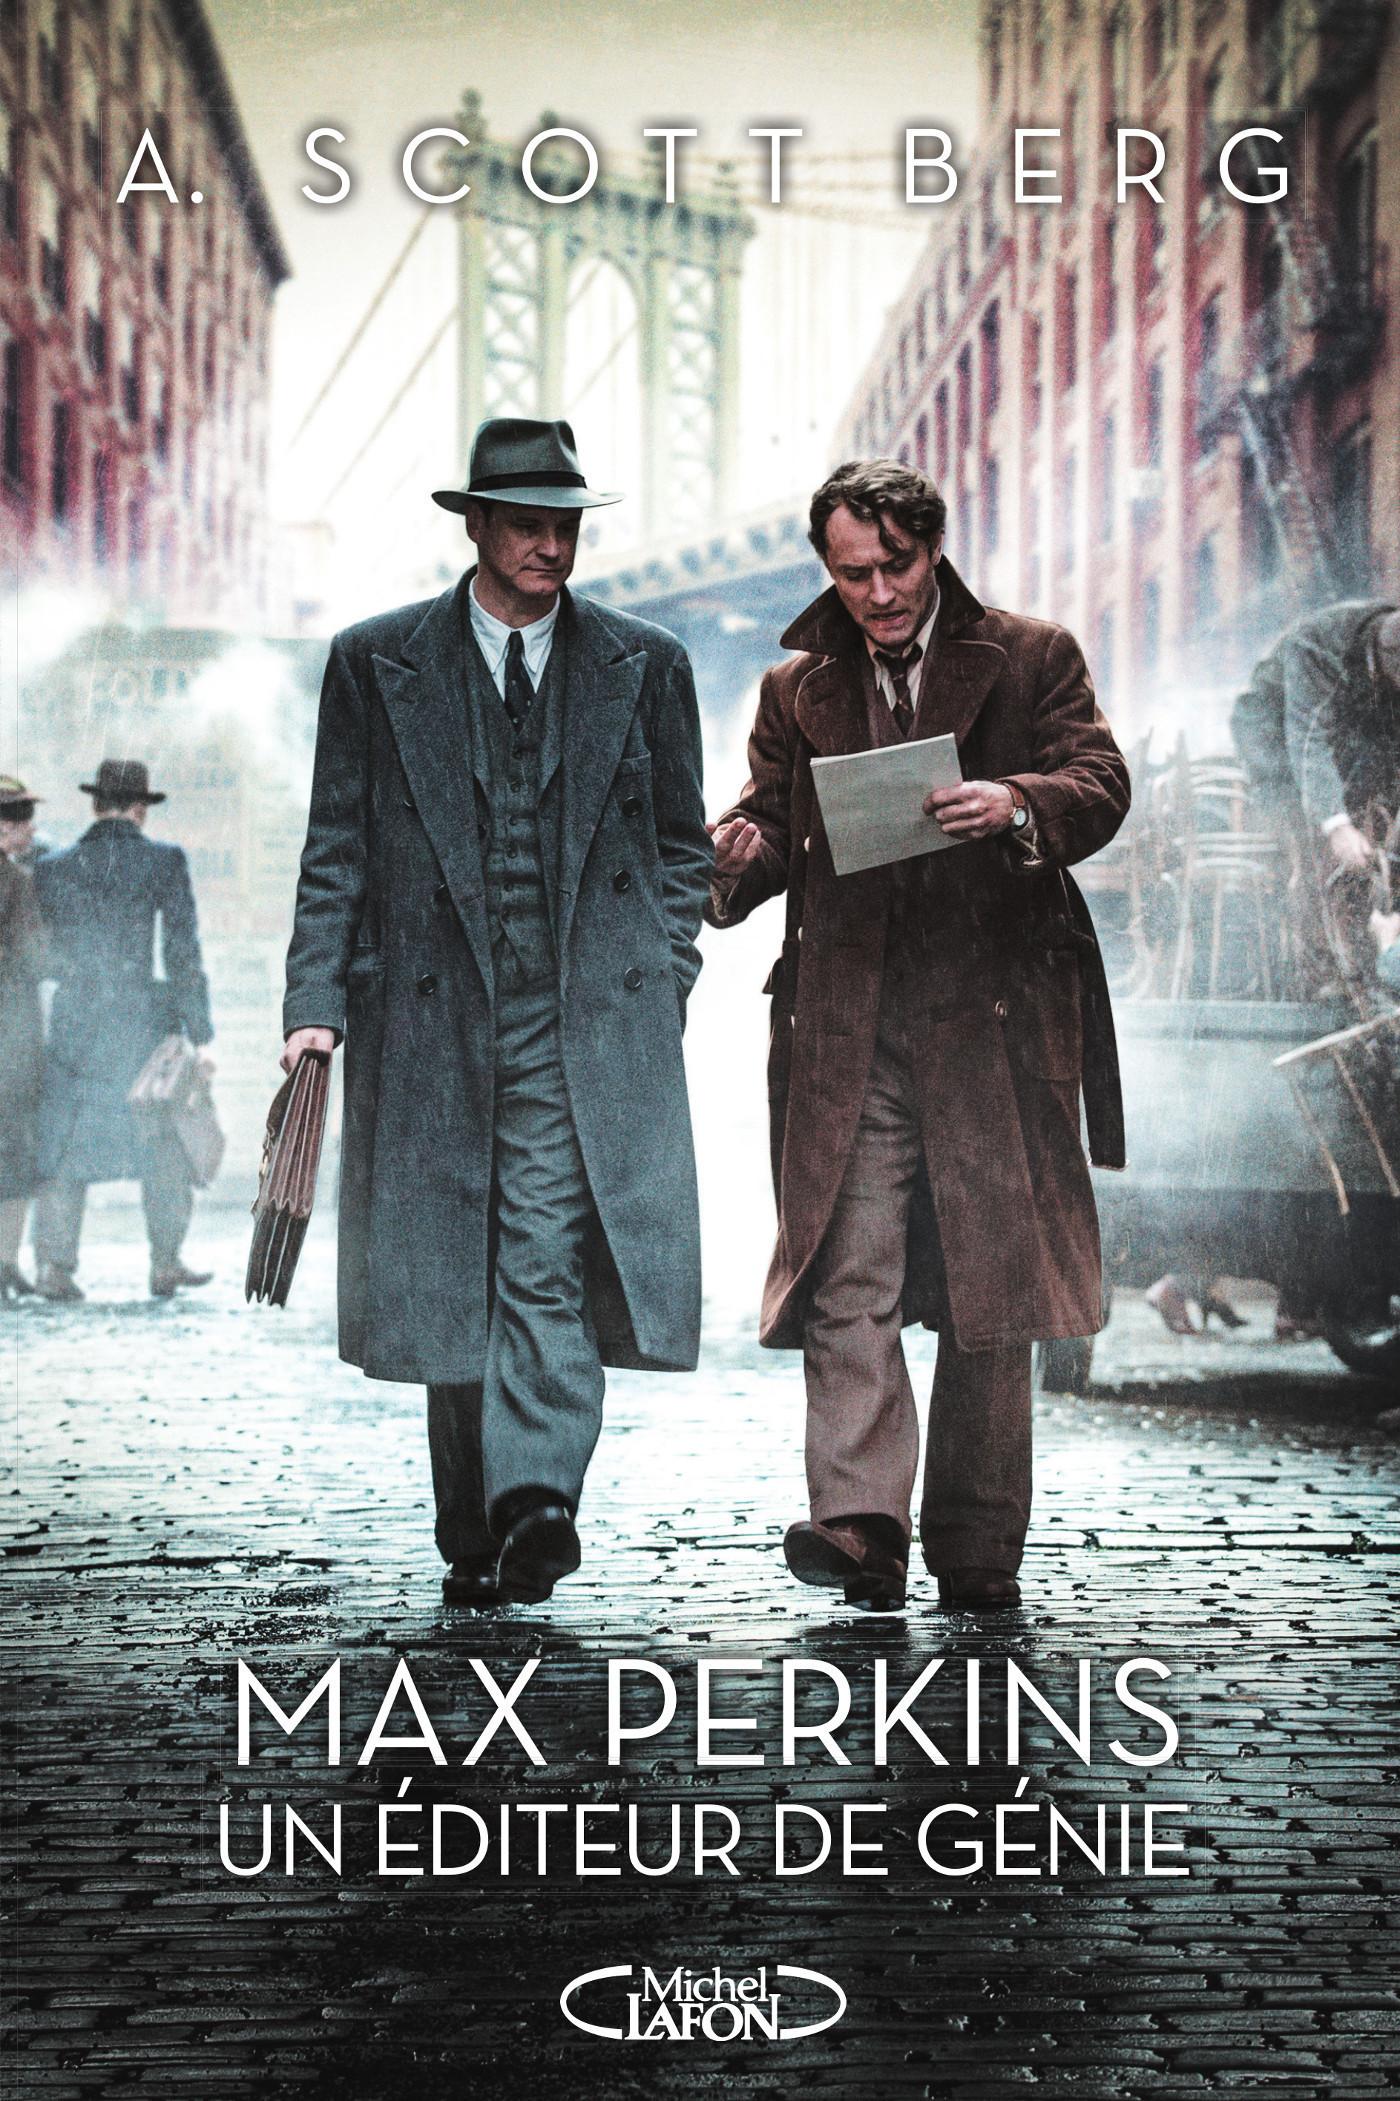 Max Perkins - Un éditeur de génie